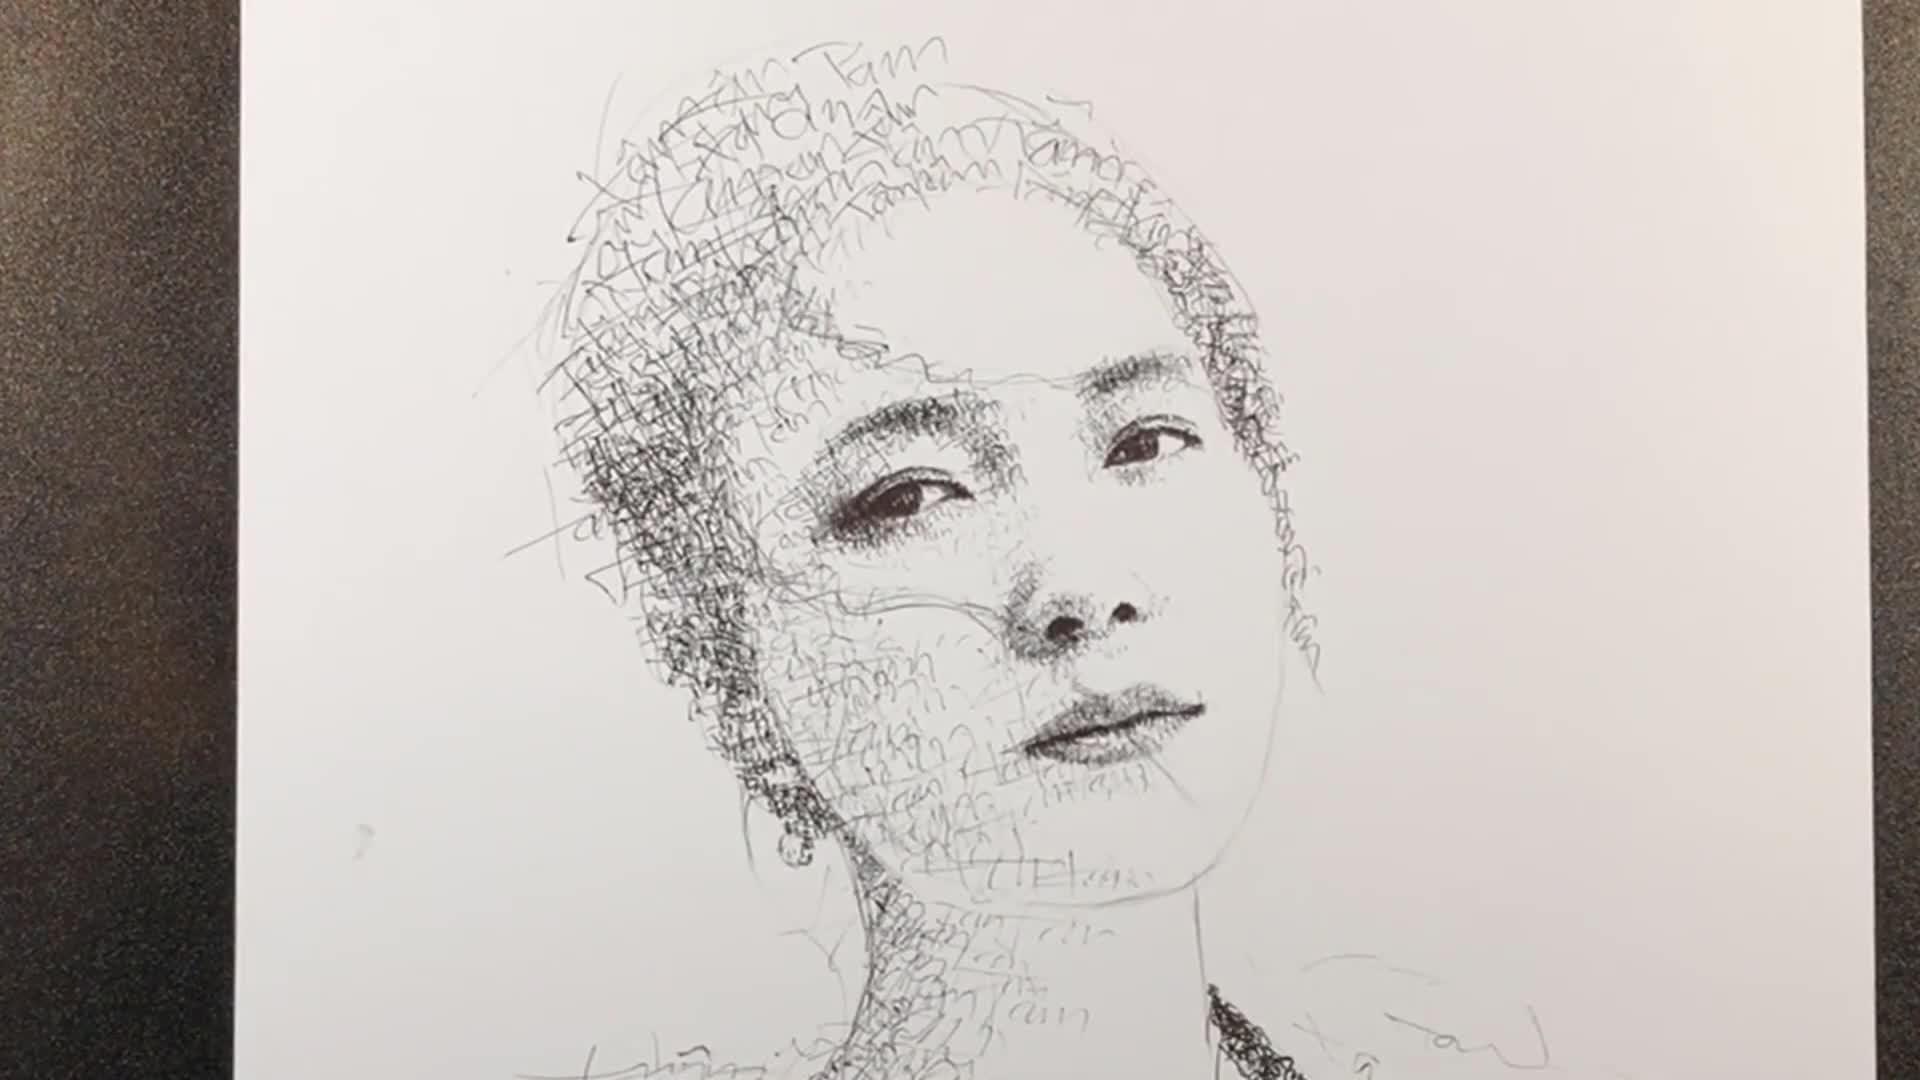 1000个字组成的圆珠笔肖像画 | dP Art Drawing